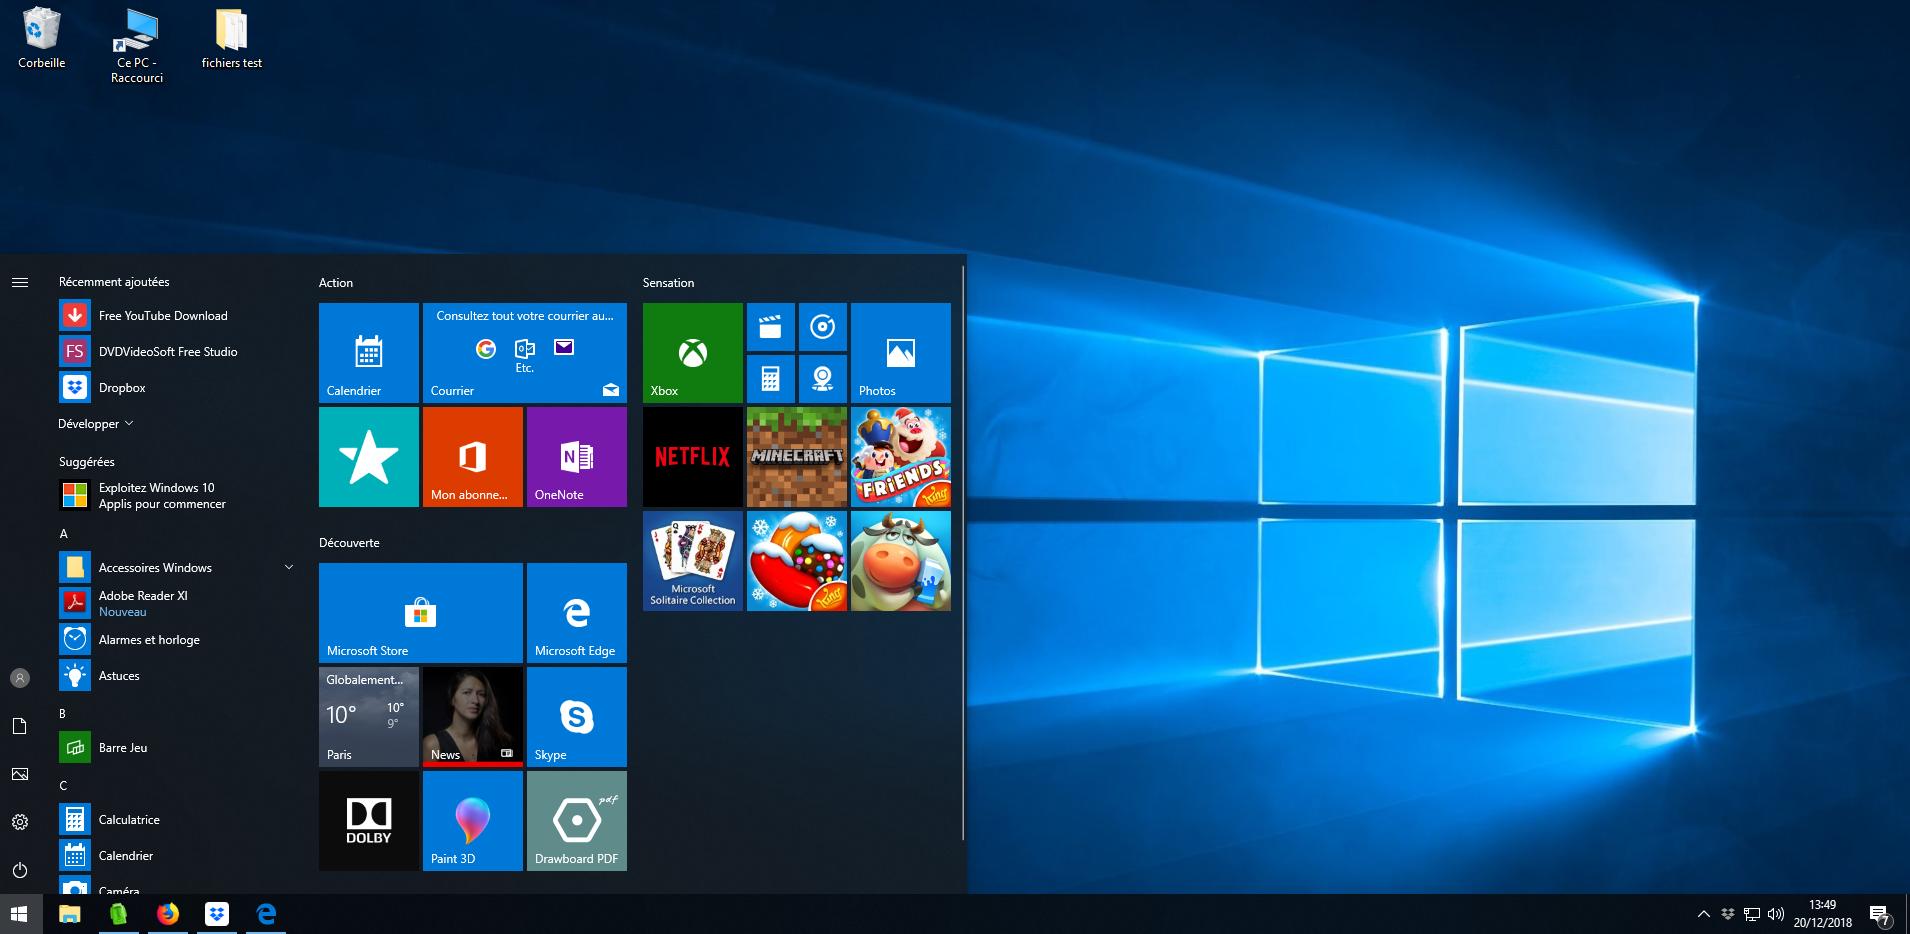 Avis Windows 10 : Le système d'exploitation performant de Microsoft - Appvizer